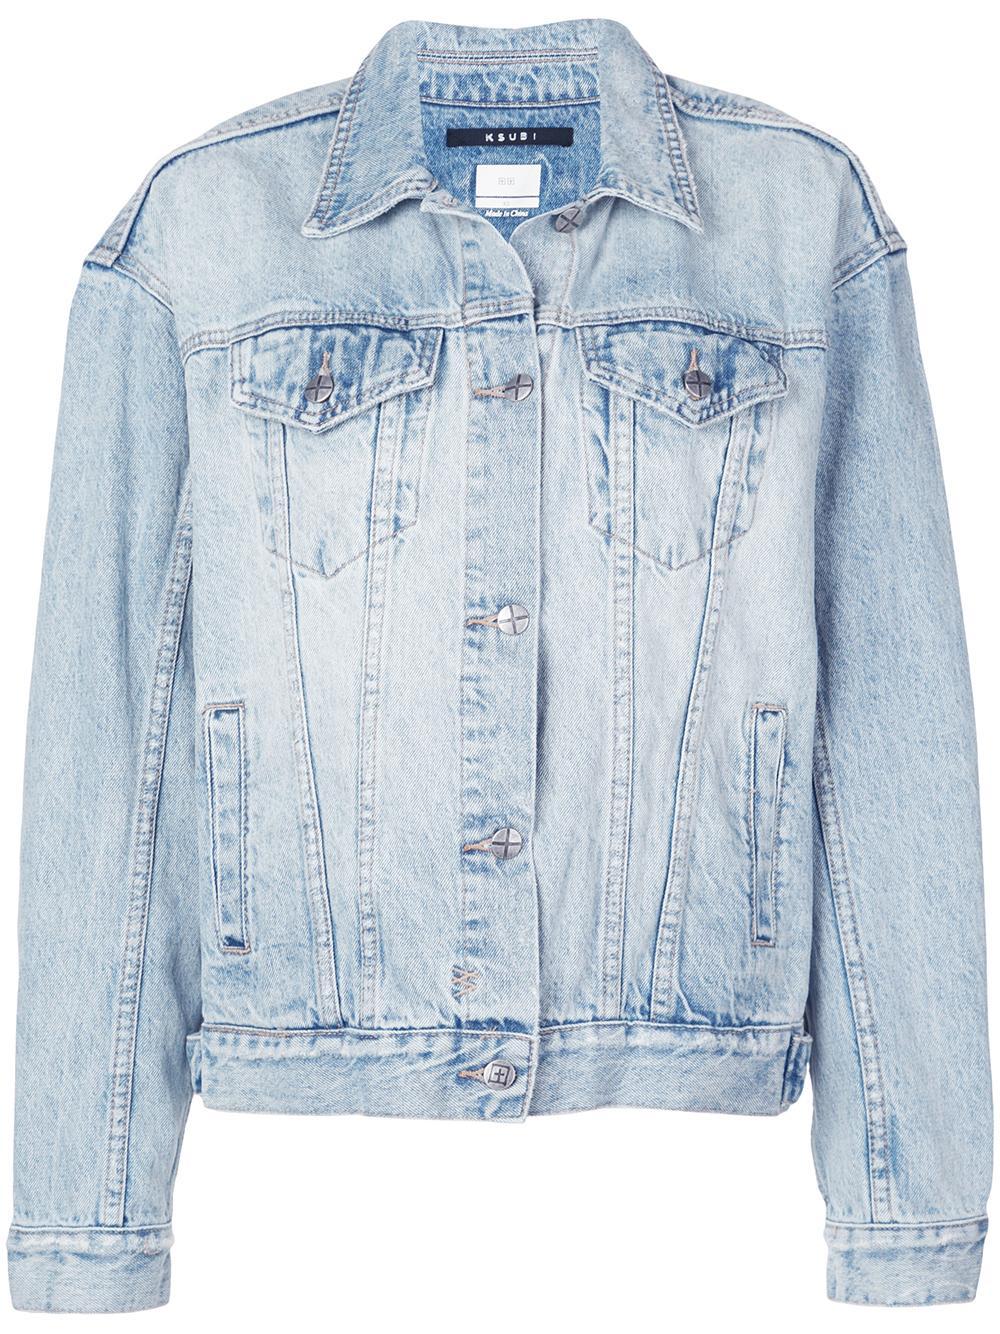 Oversized Jacket Karma Item # 5000003501